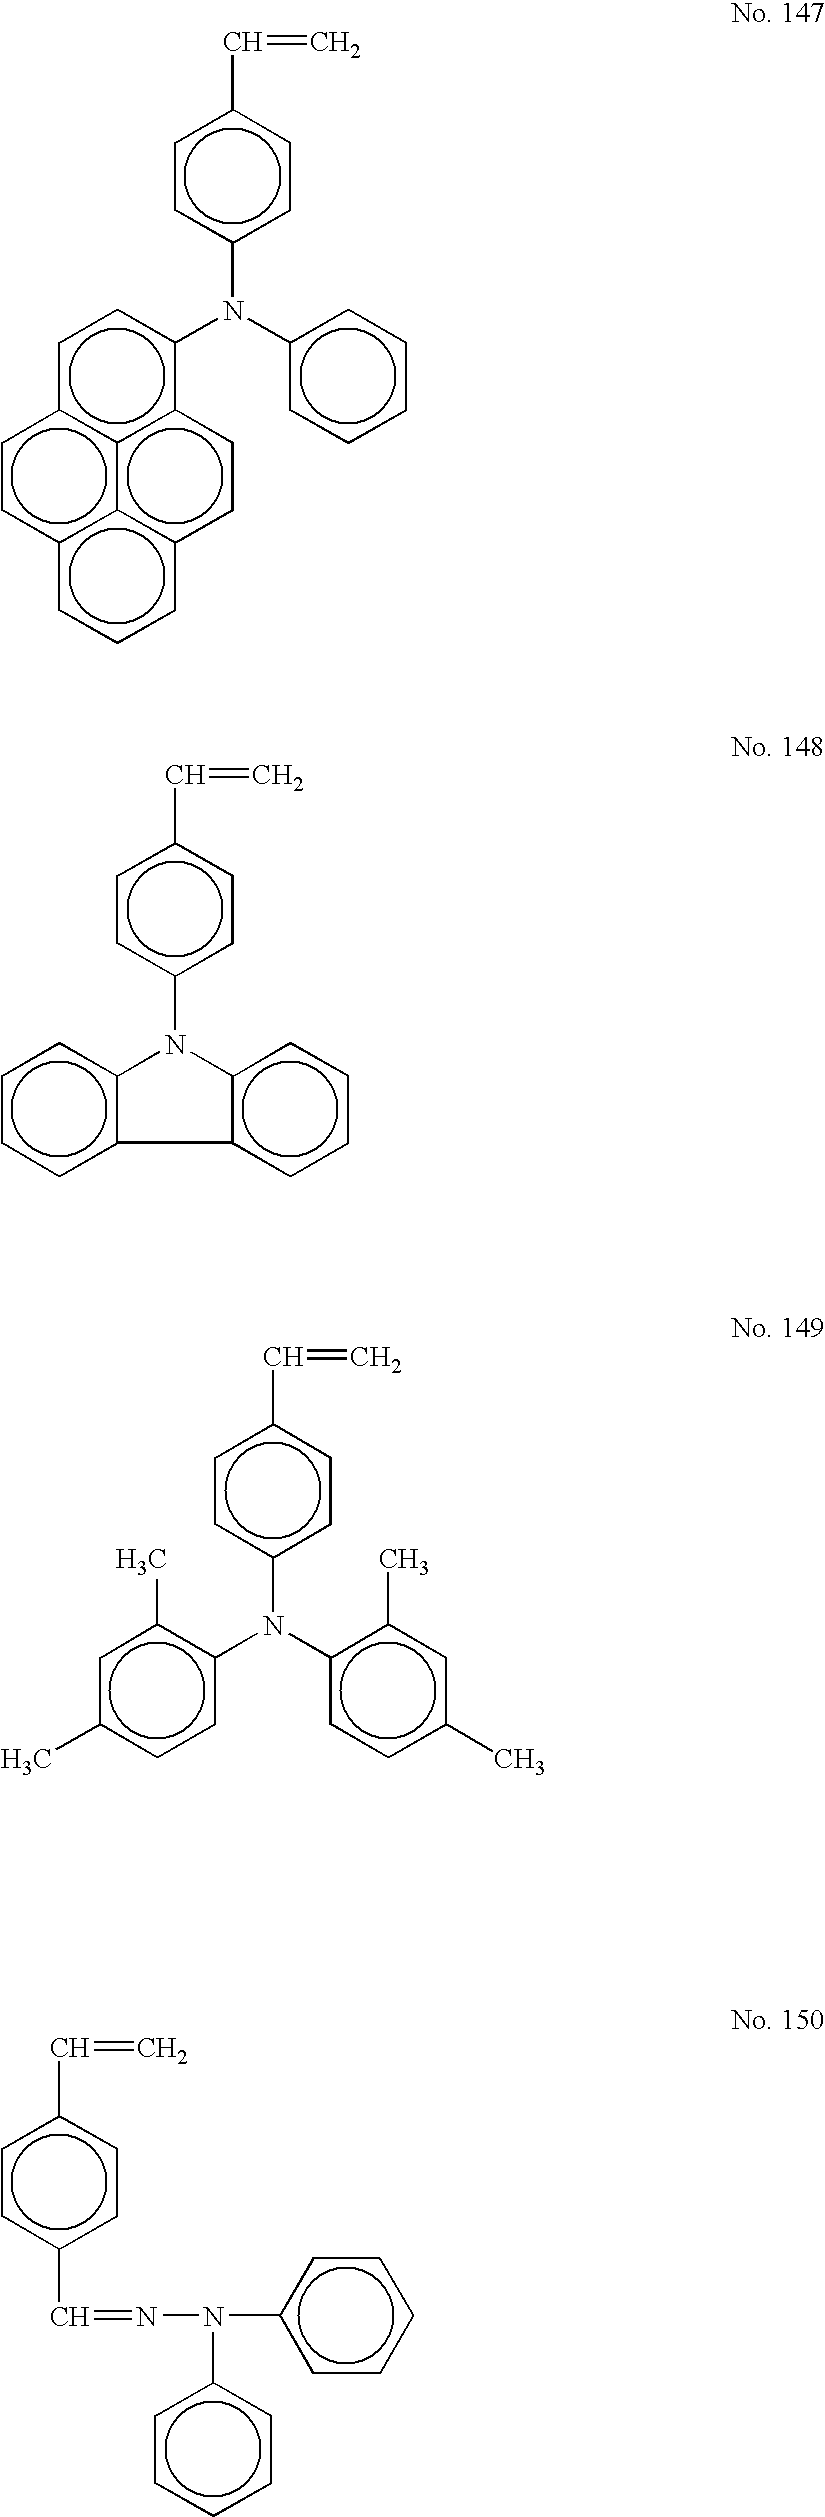 Figure US20040253527A1-20041216-C00063